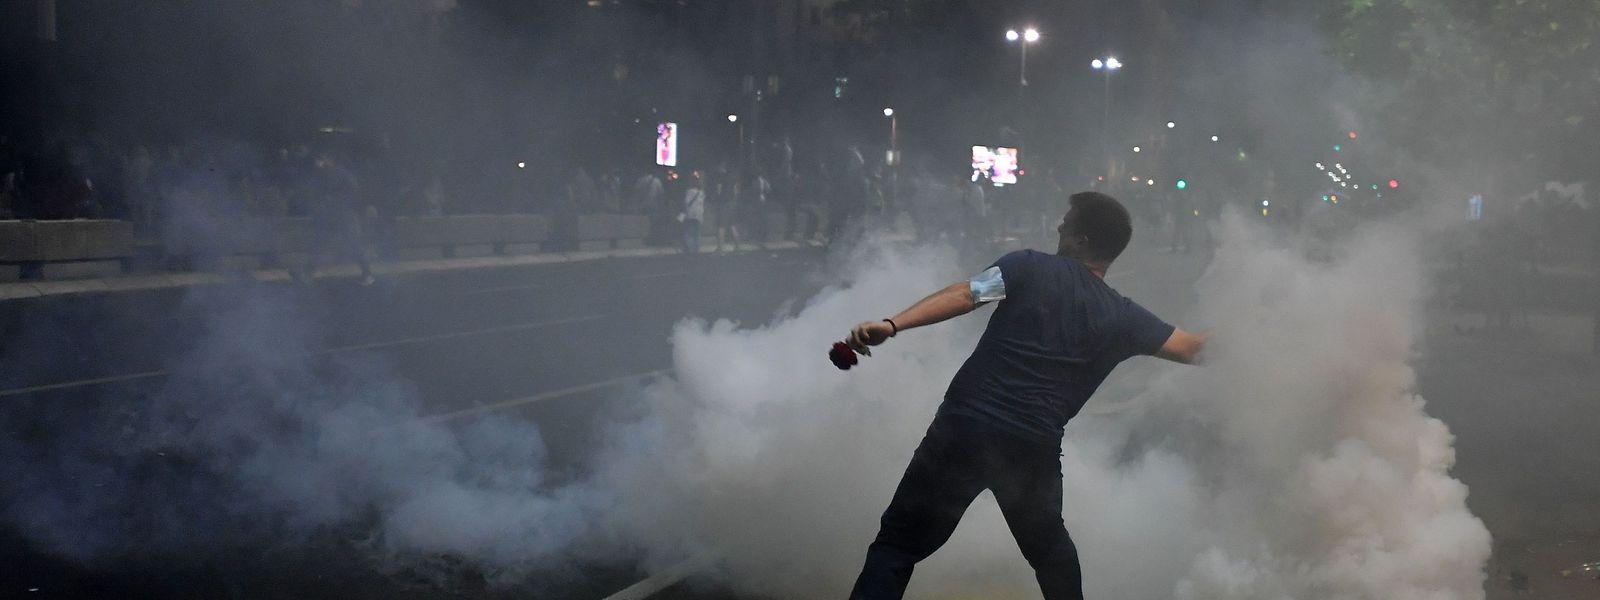 Ein Demonstrant schleudert einen Reizgas-Kanister zurück.